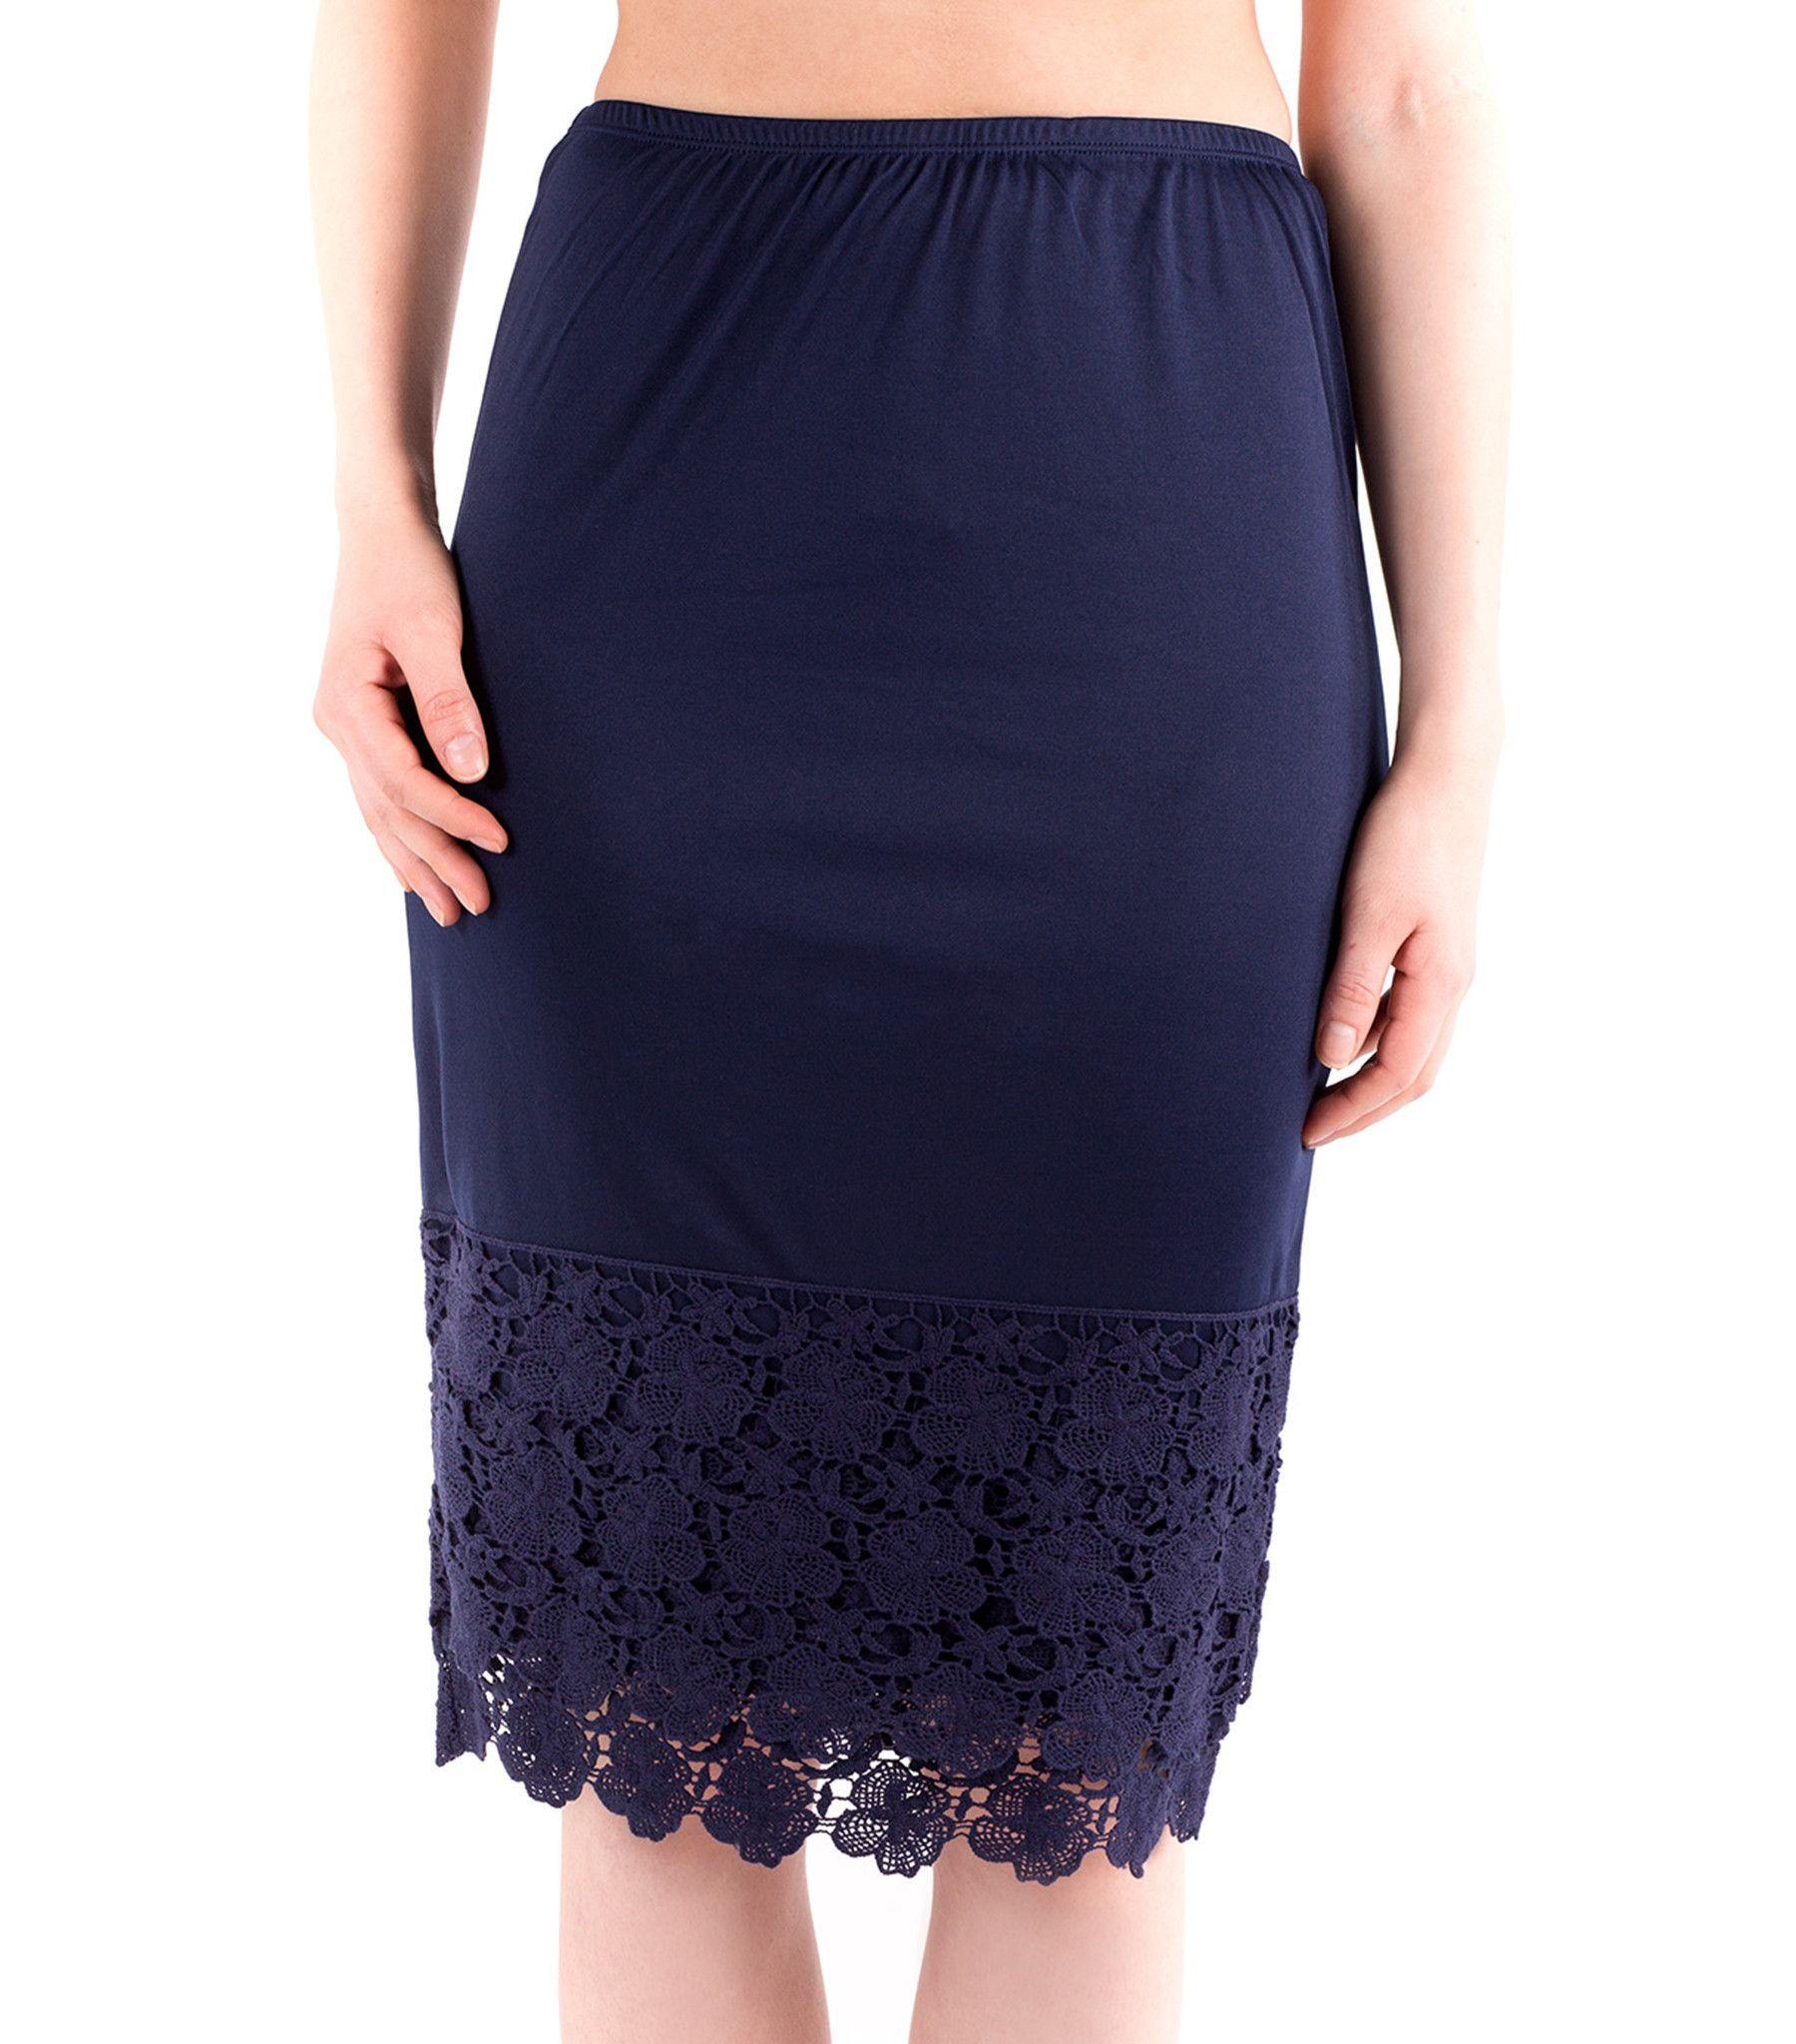 Pencil Skirt Extender Slip - Navy